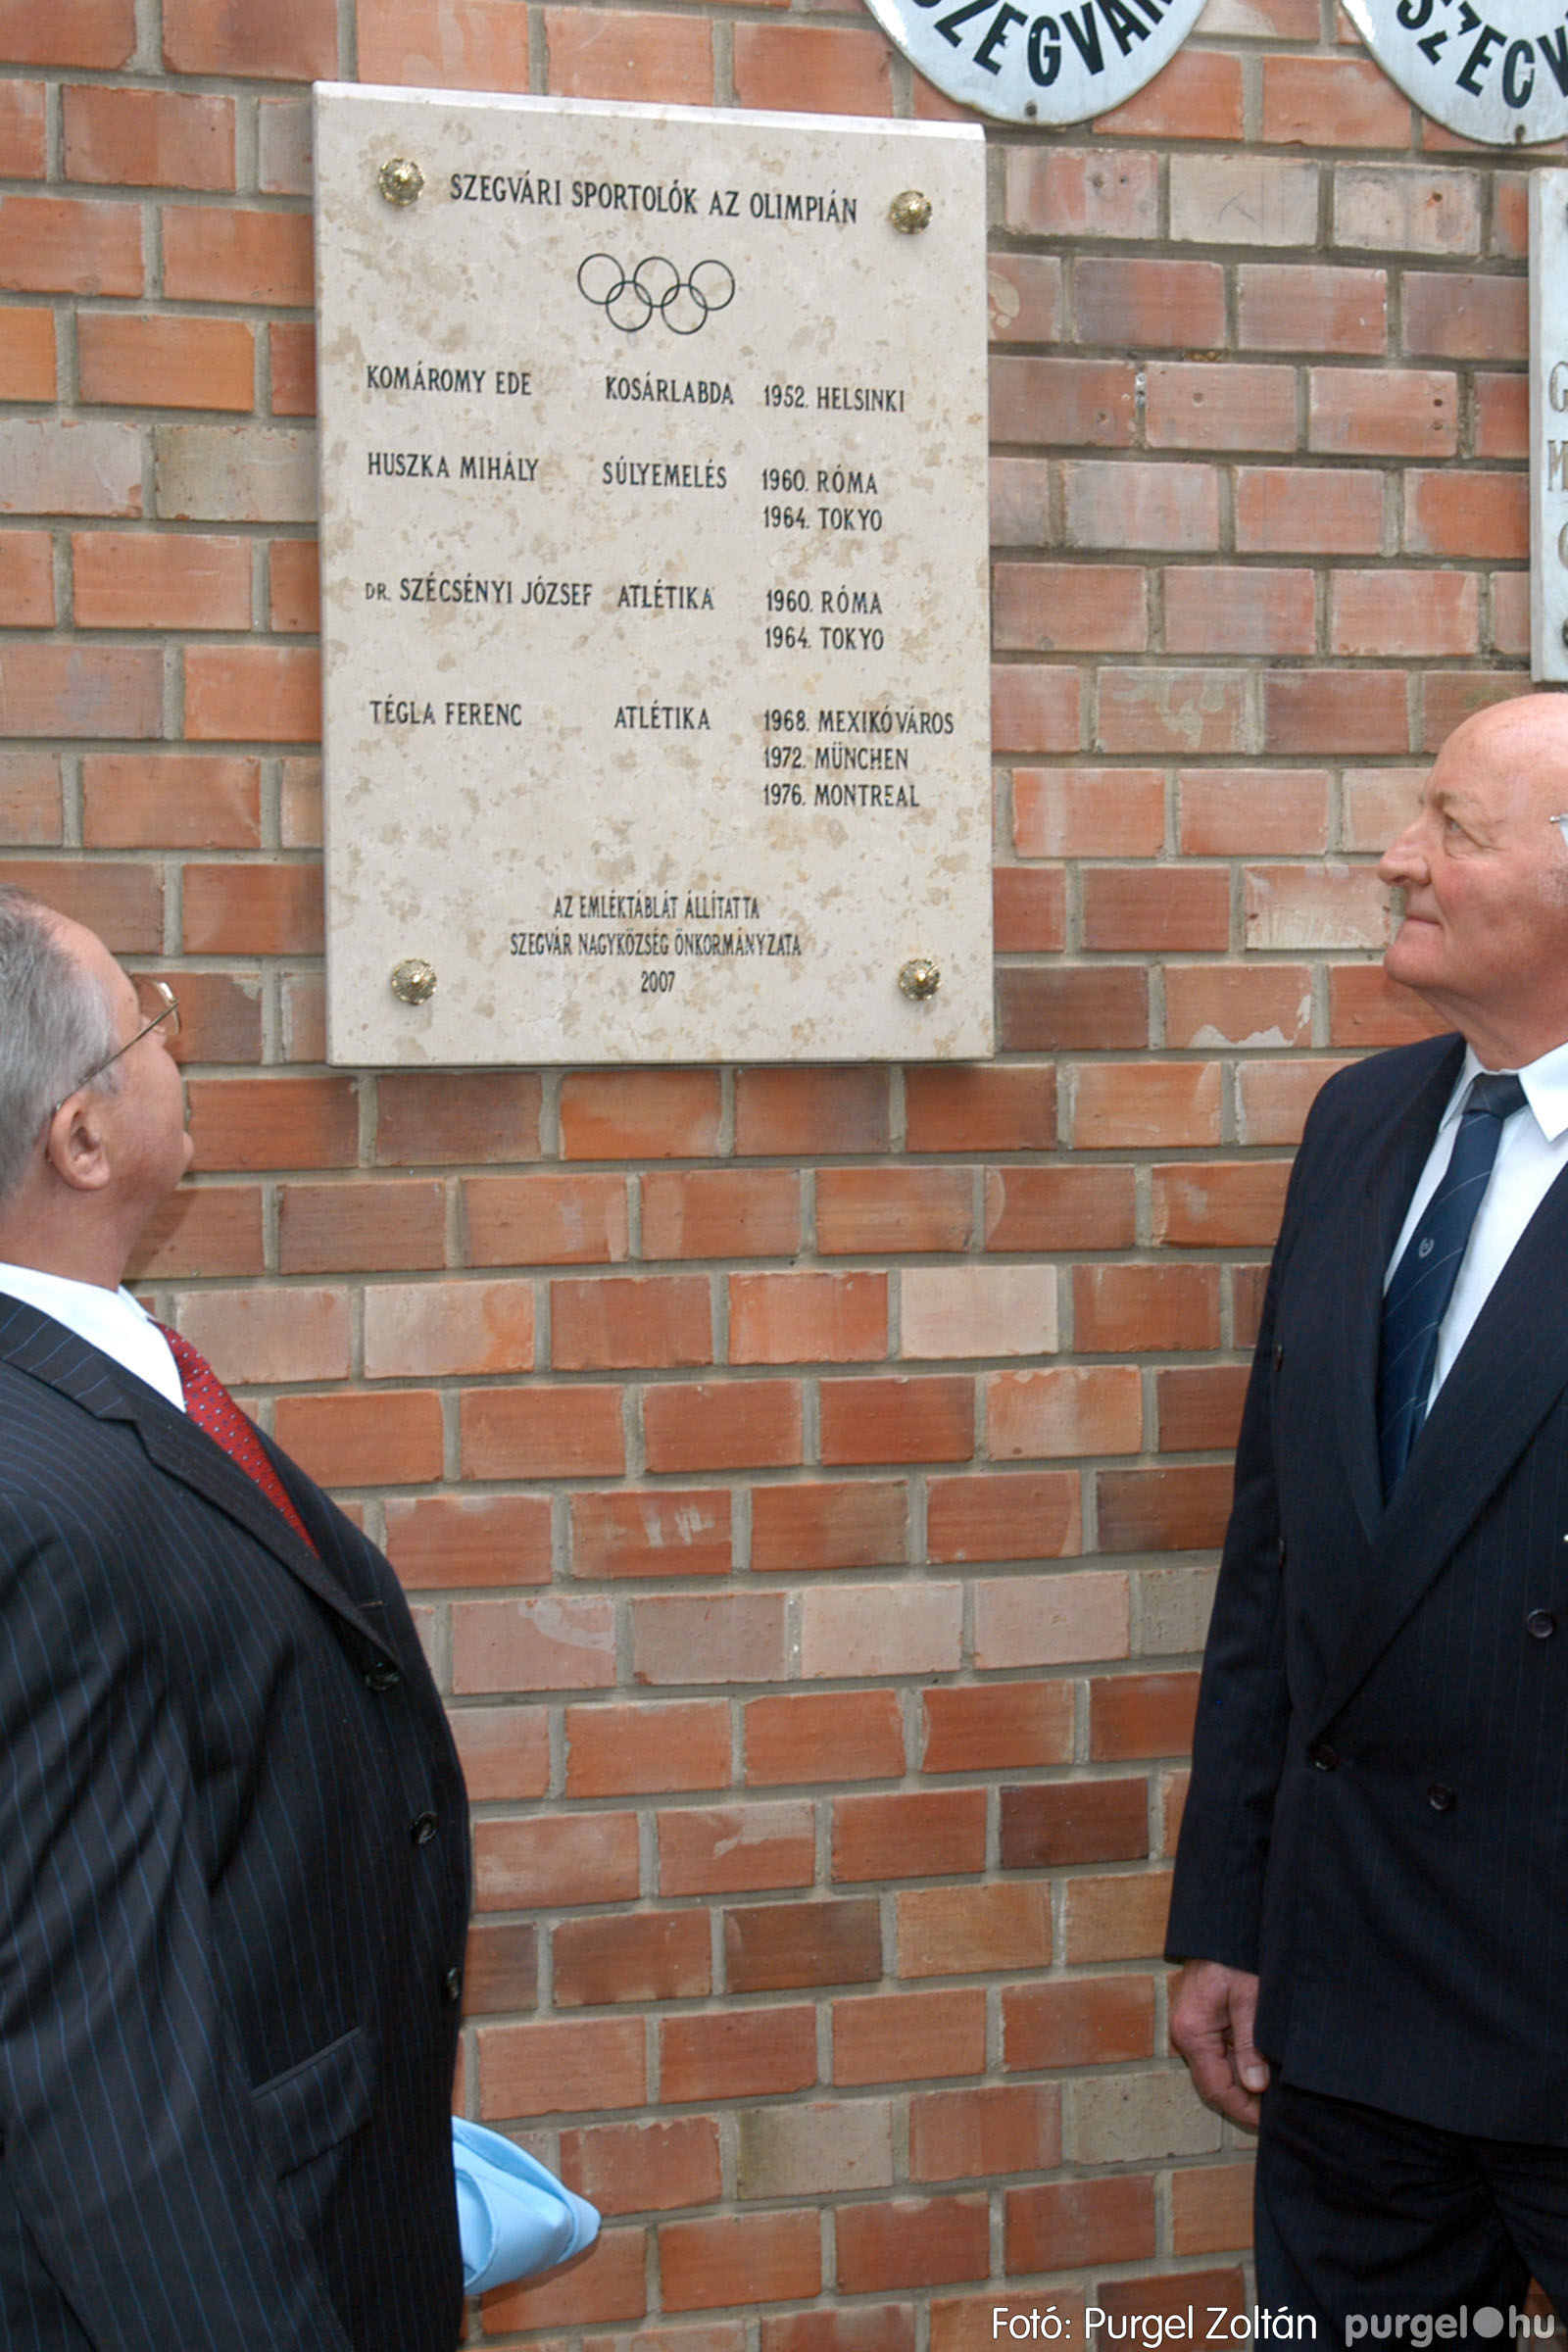 2007.09.08. 015 Elszármazottak találkozója 2007. – Fotó:PU